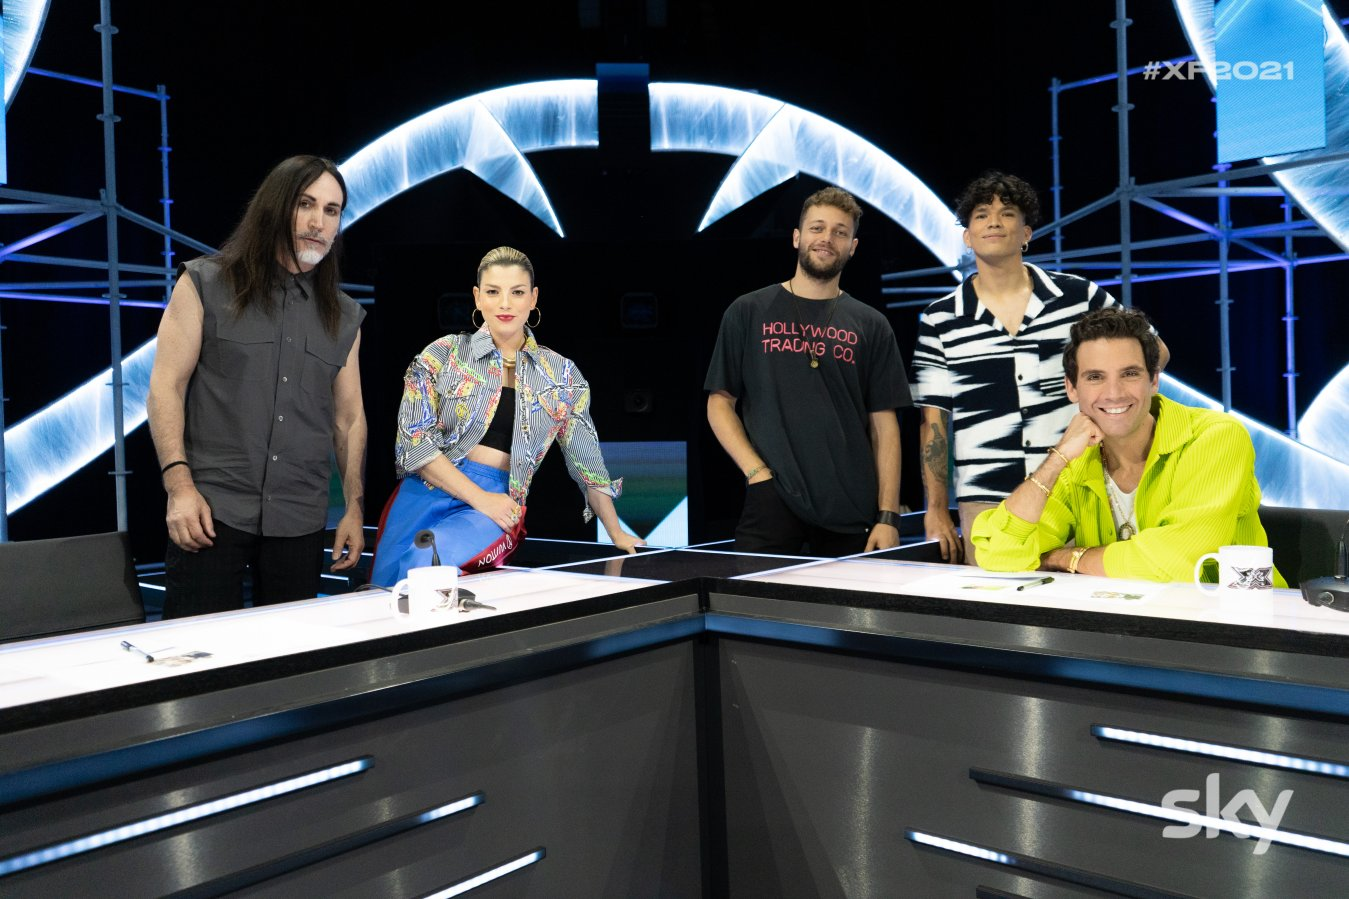 X Factor 2021, continuano le Selezioni su Sky Uno e NOW